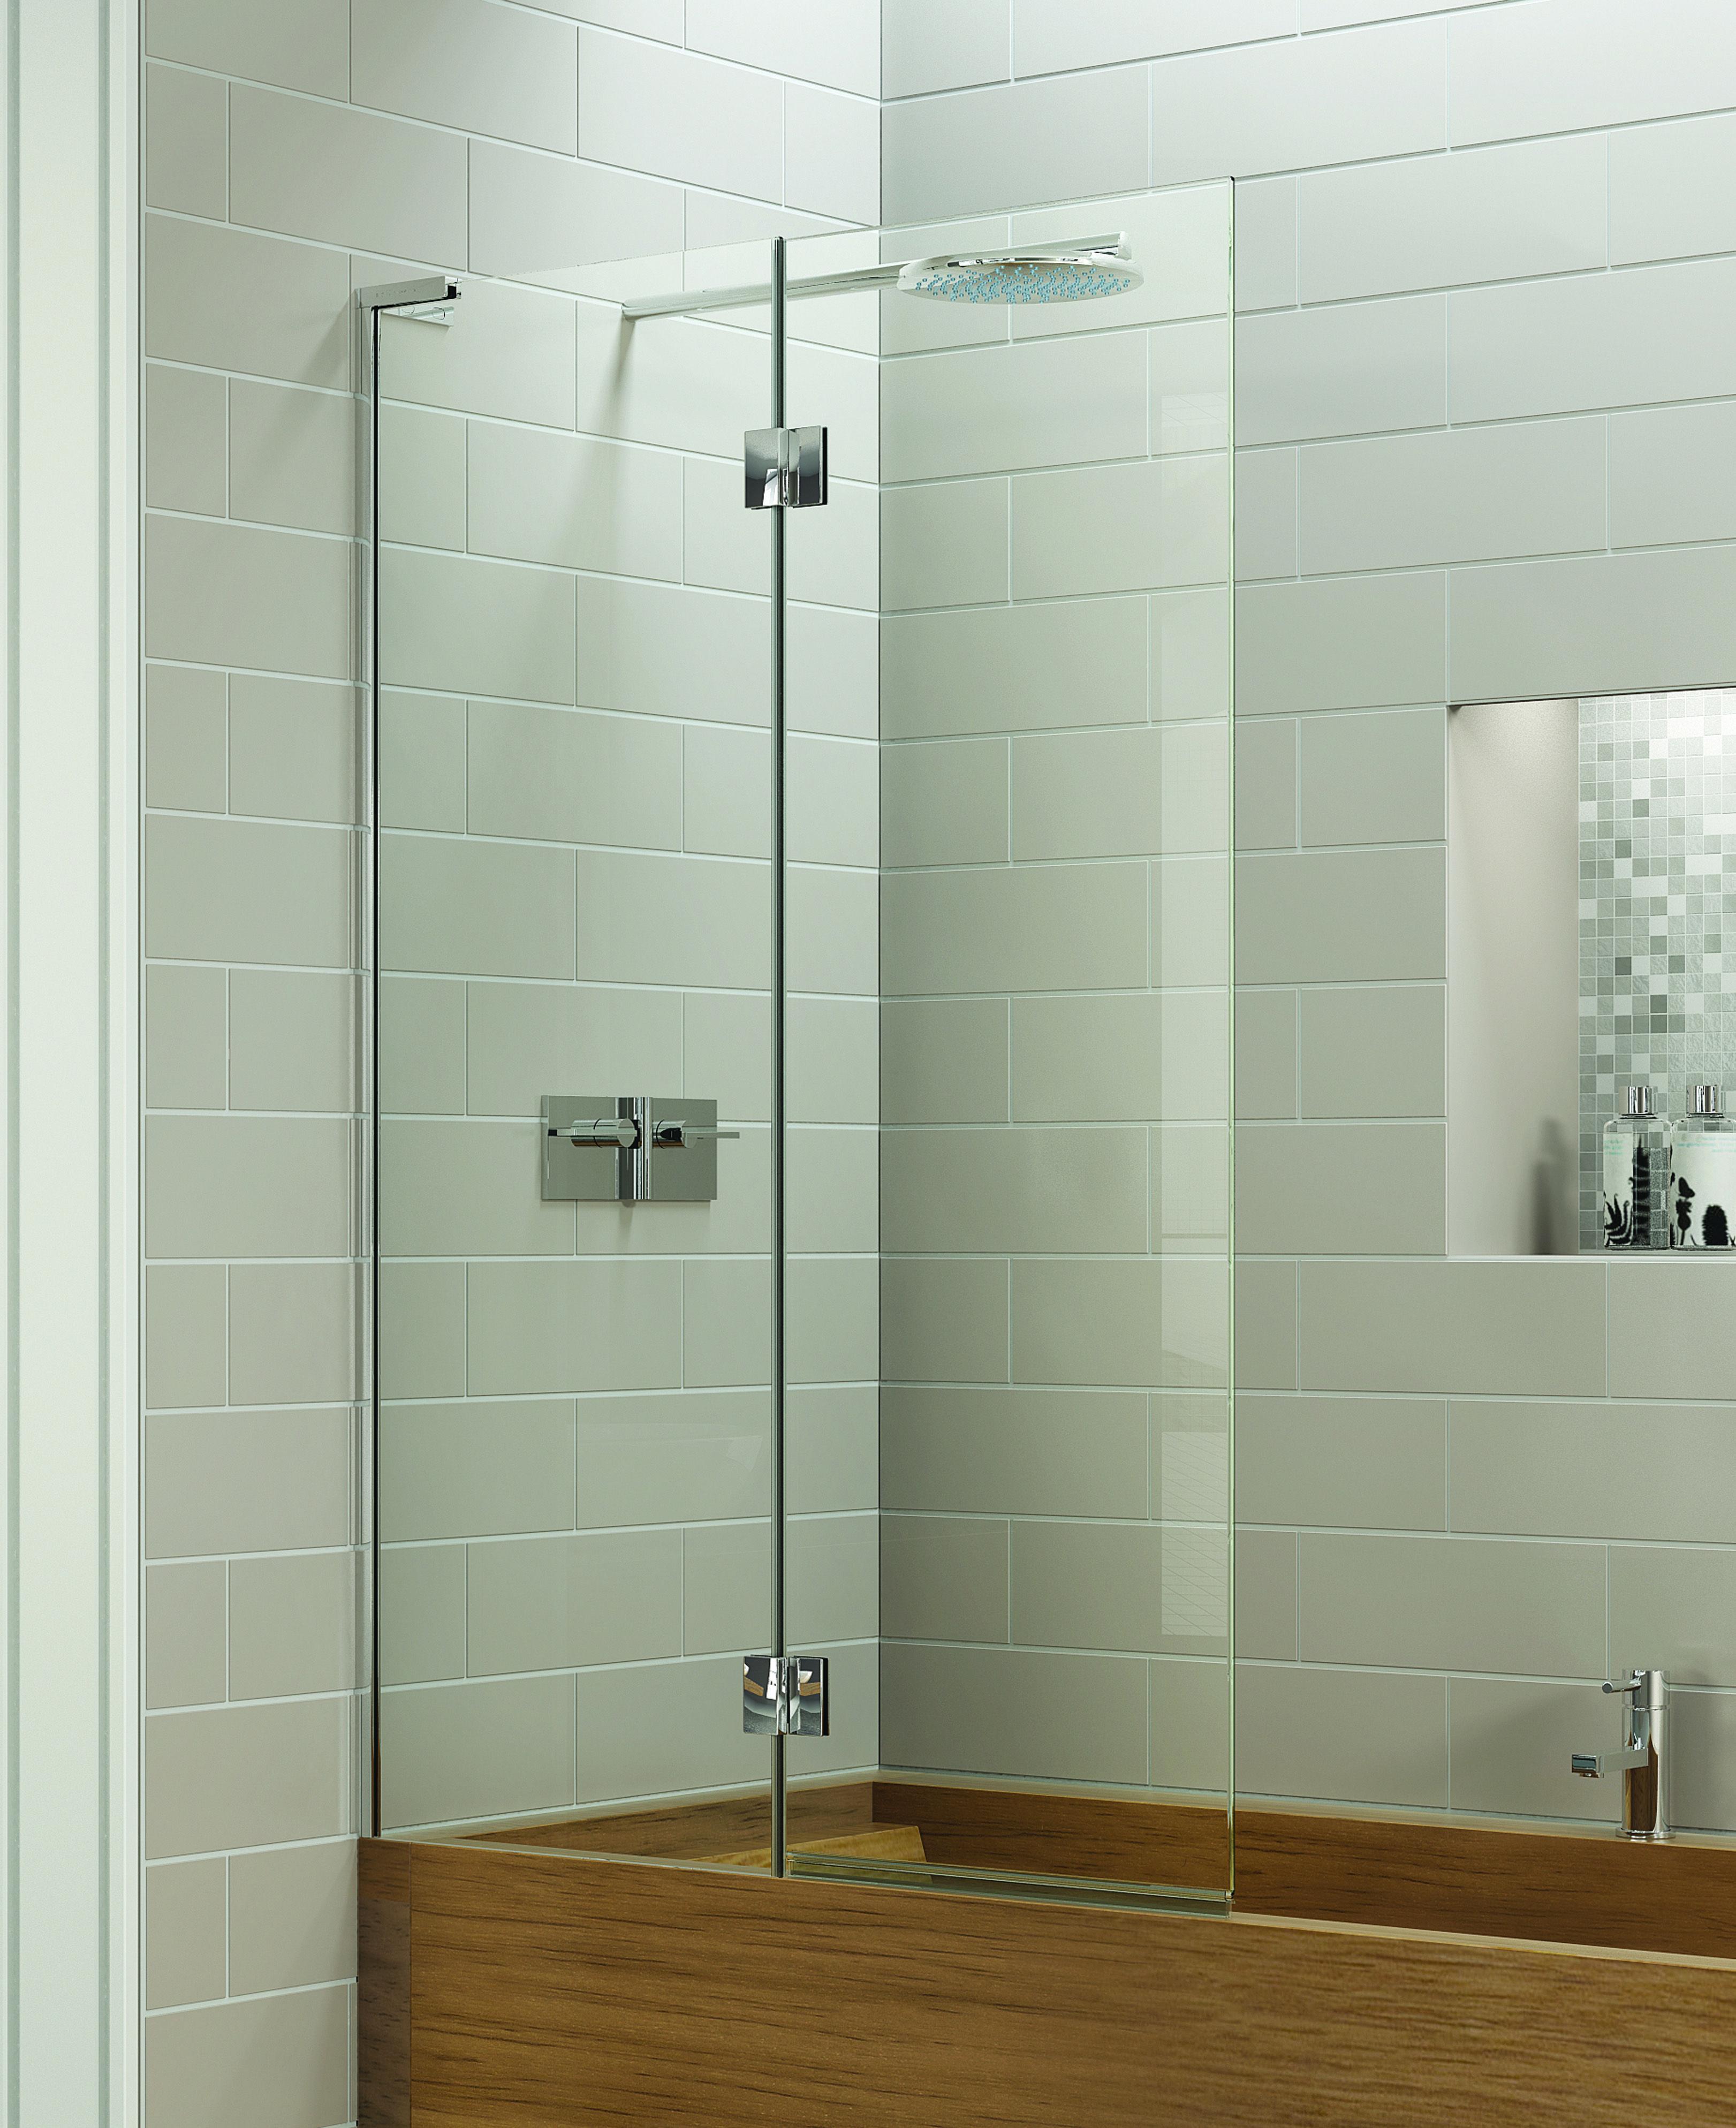 Matki EauZone Plus Double panelled Bath Screen inwards opening ...